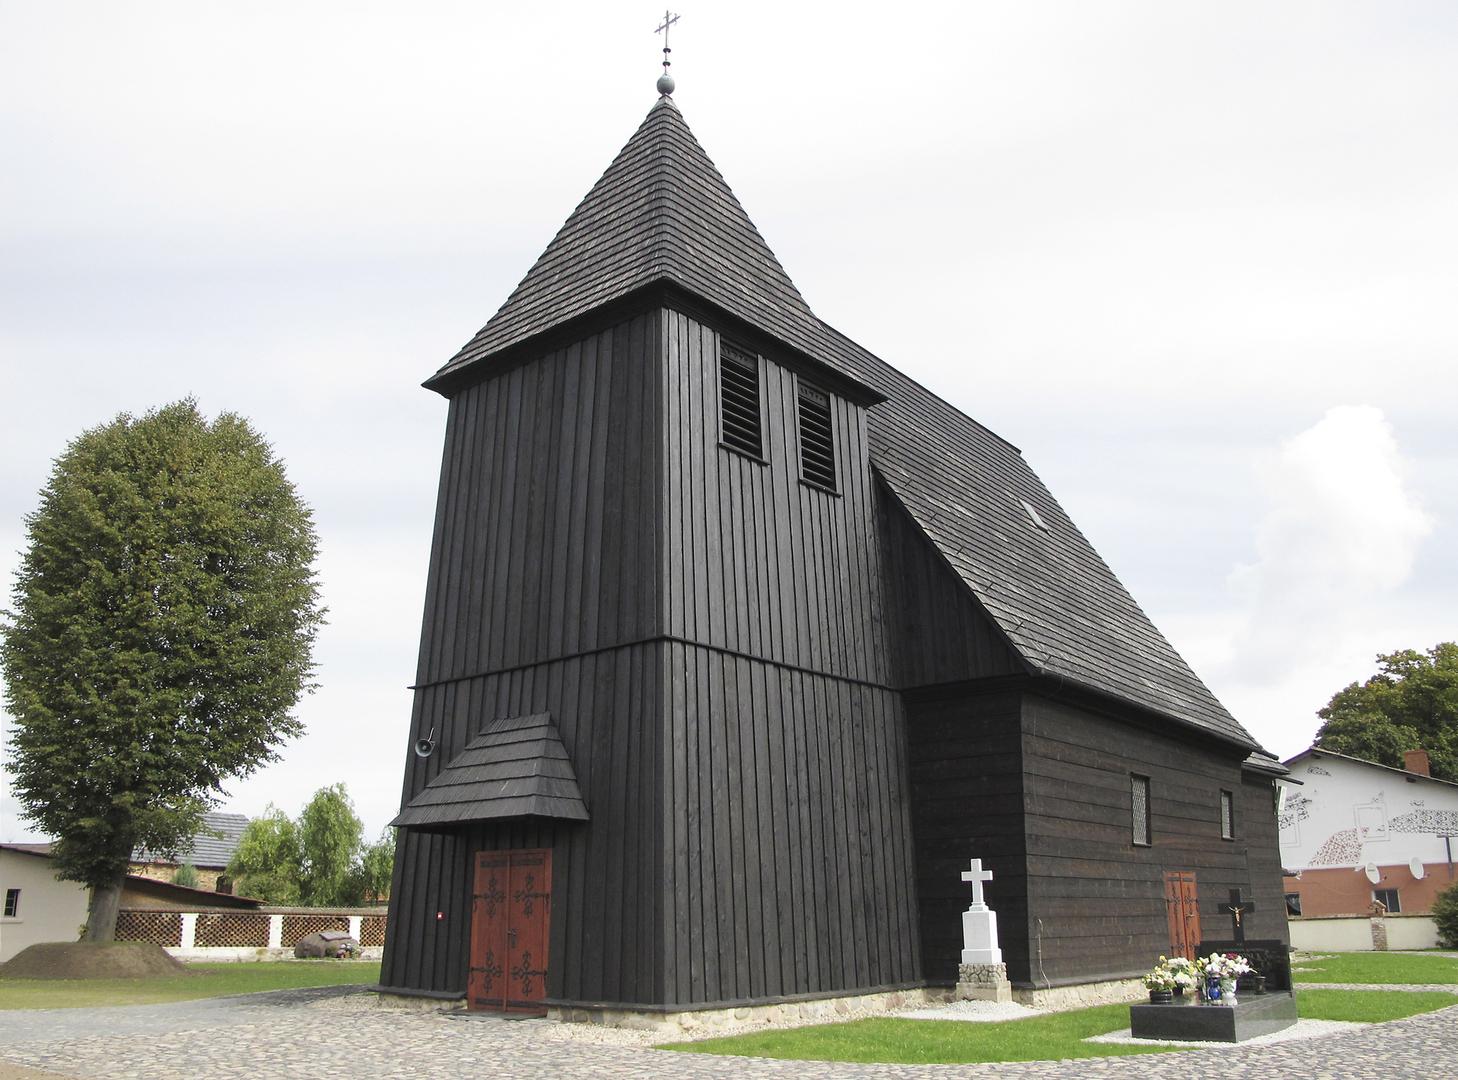 Kościół w Kosieczynie zdjęcie 1 [3573x2646]